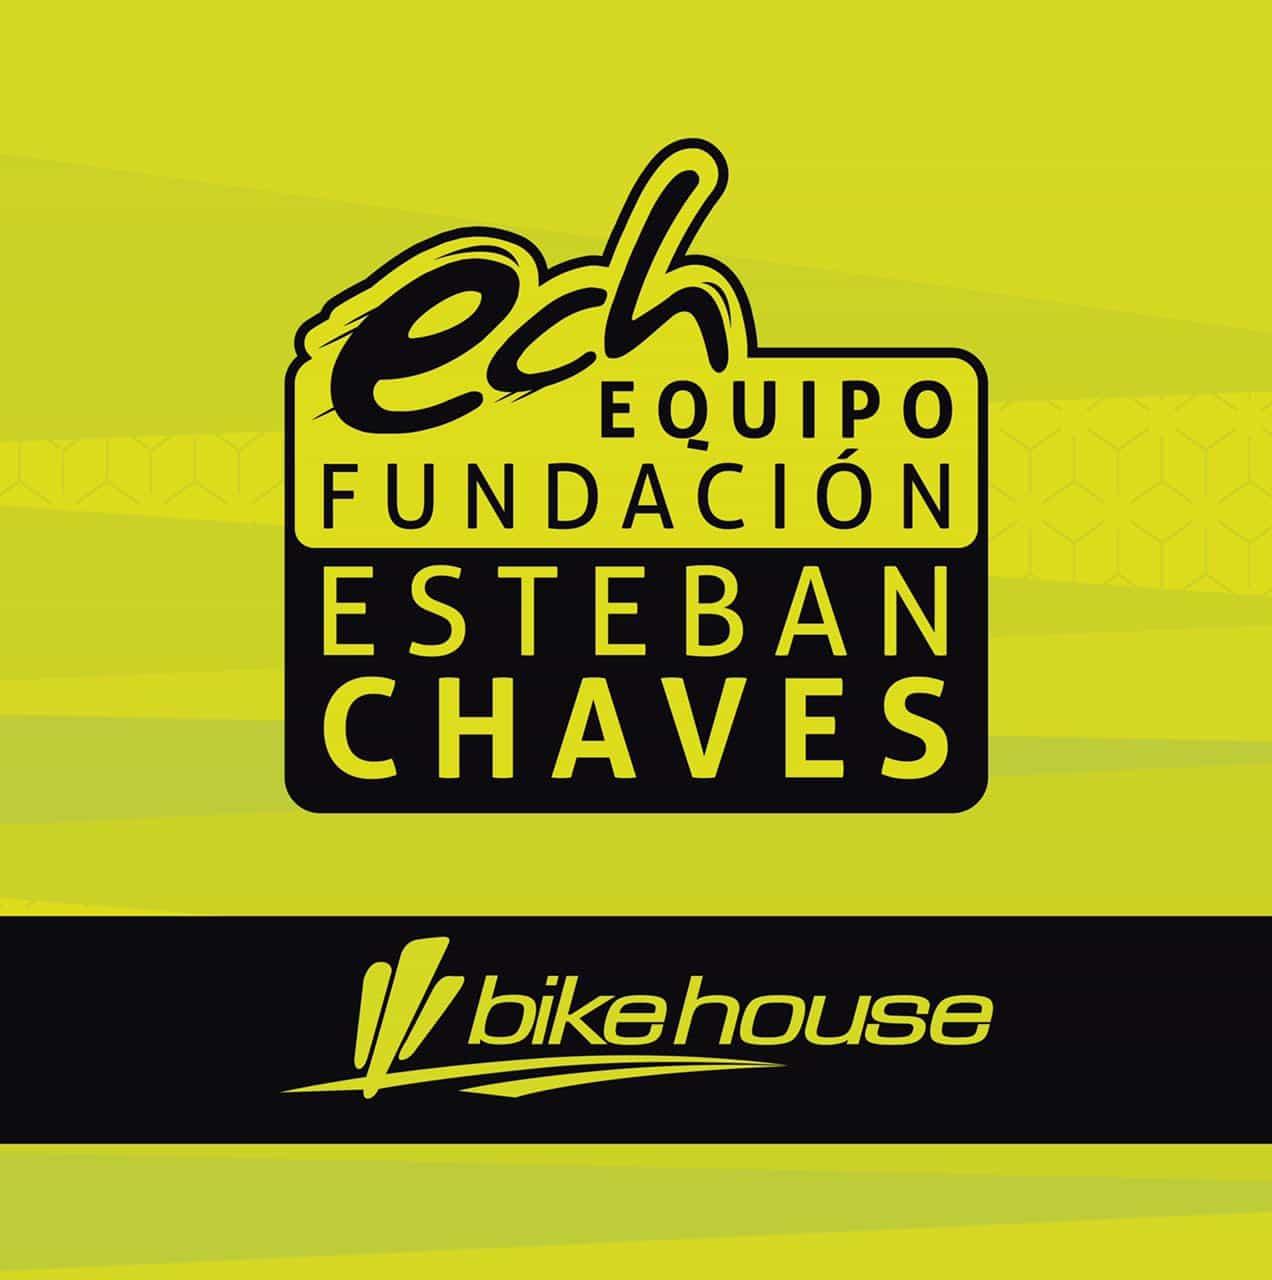 Equipo de ciclismo Fundación Esteban Chaves